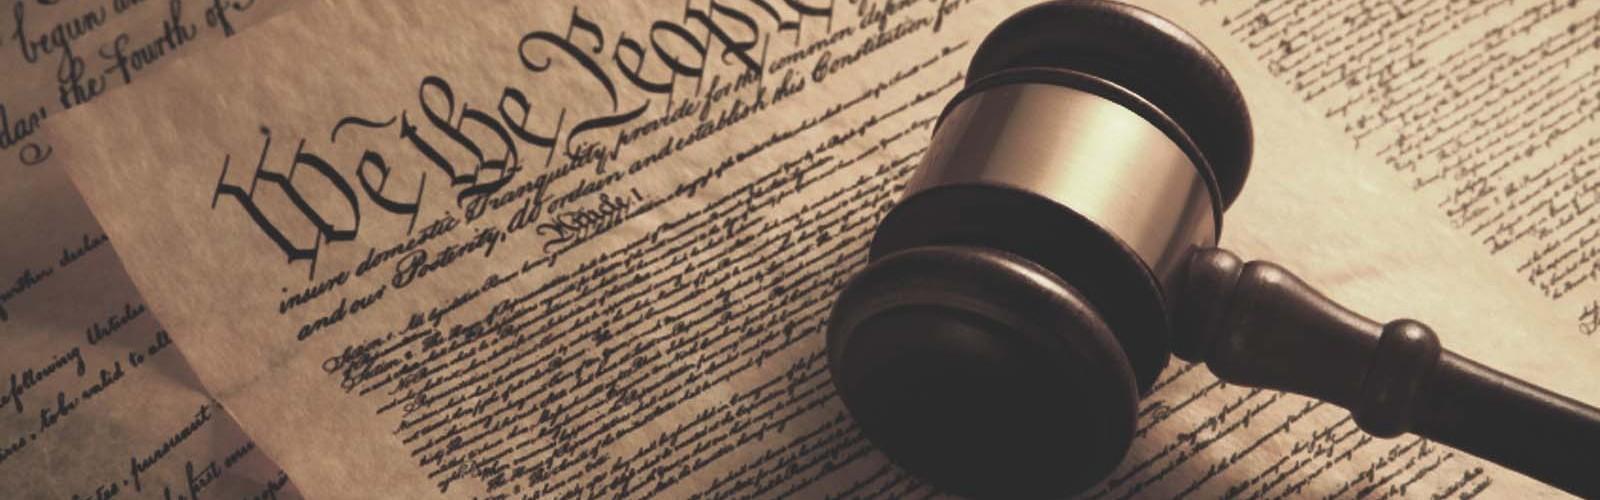 1600constitution